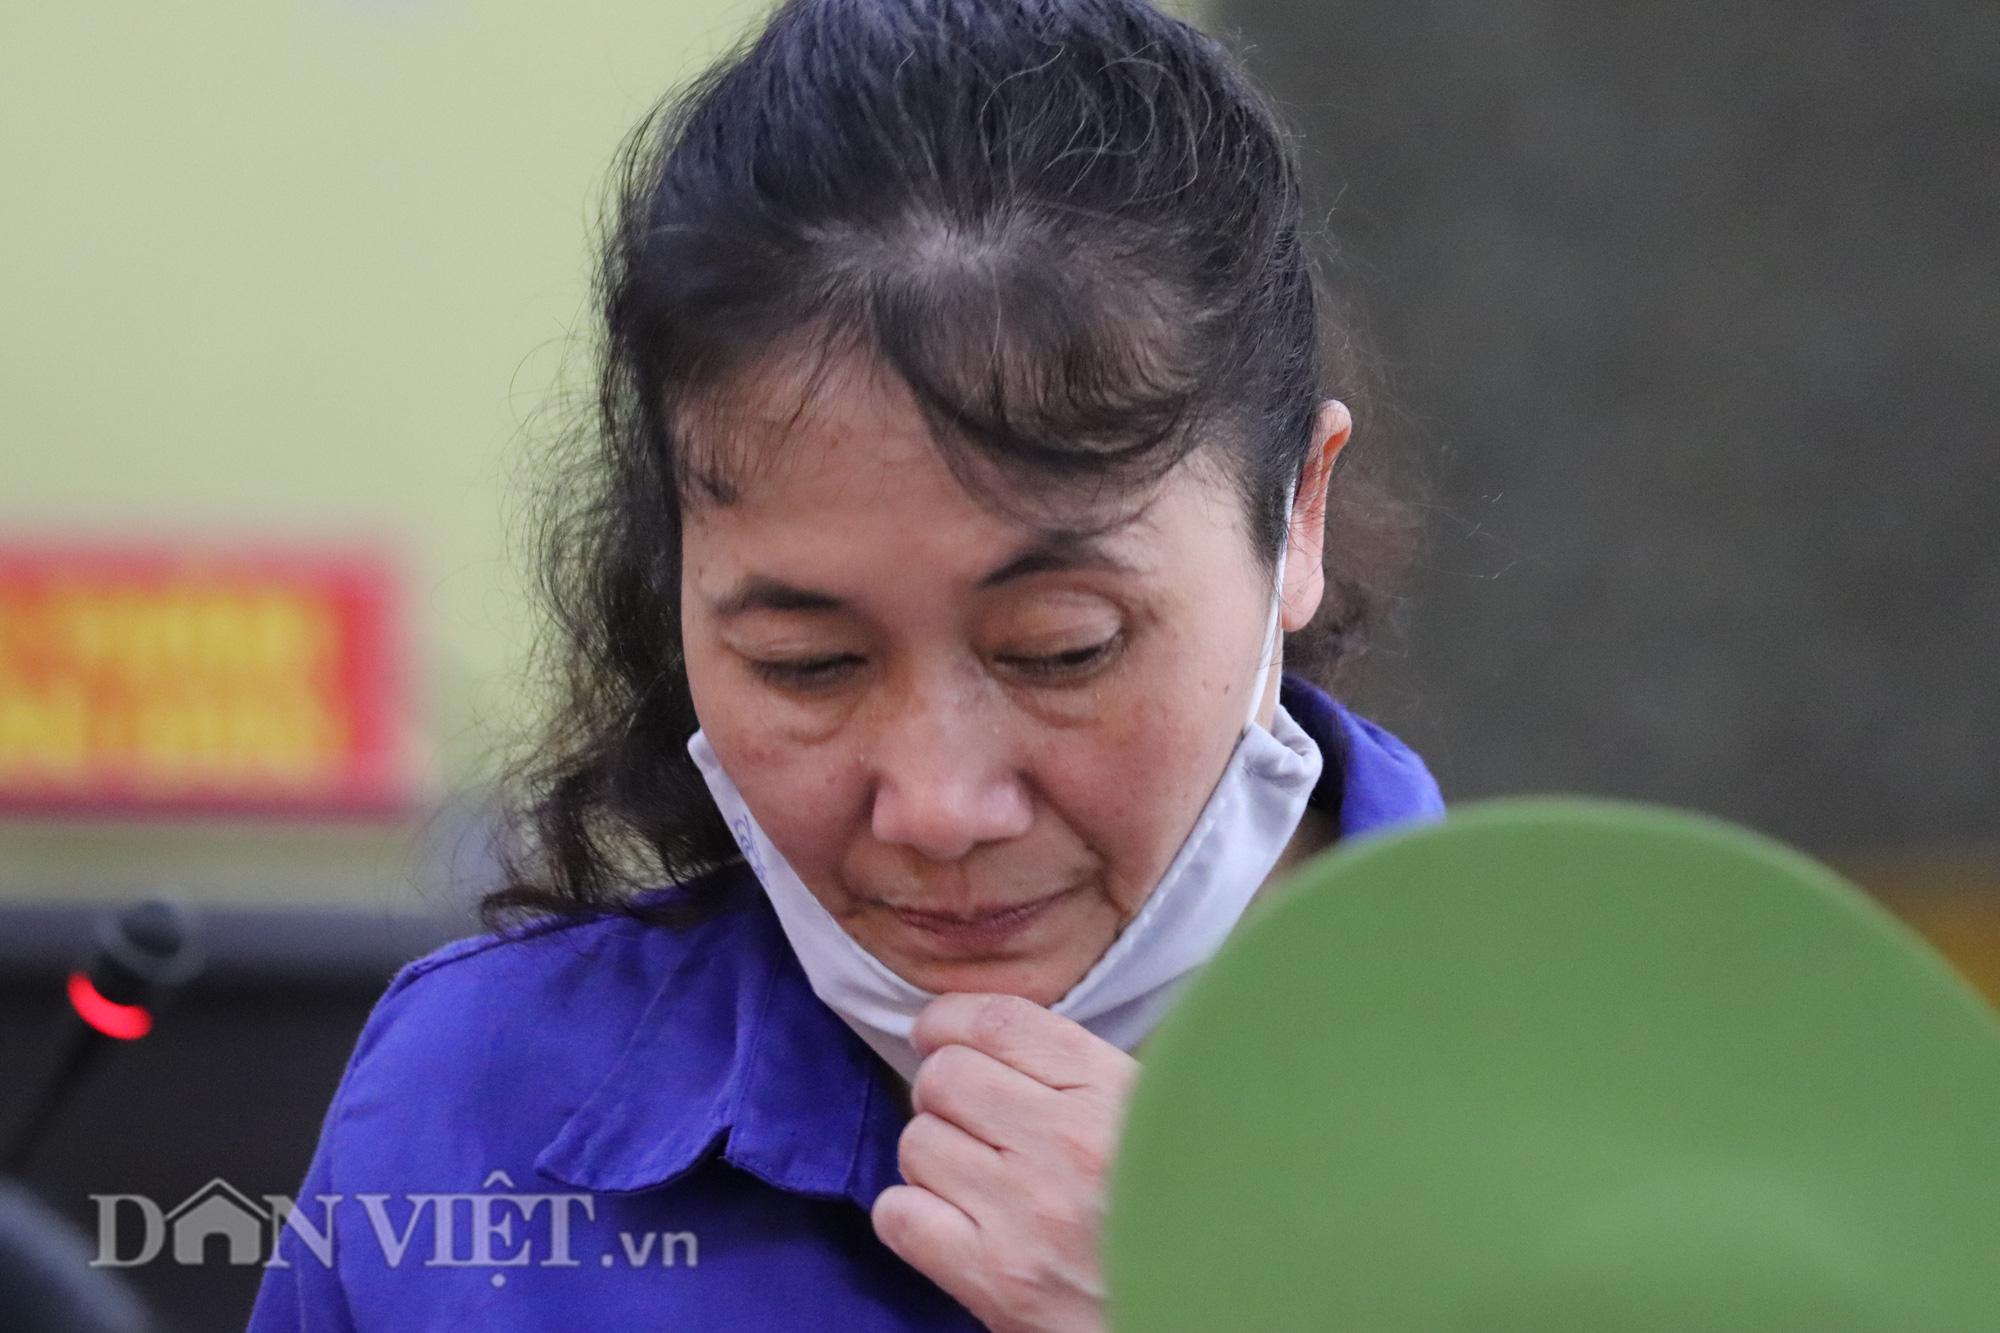 Cựu Trưởng phòng khảo thí bị xử phạt 21 năm tù - Ảnh 2.